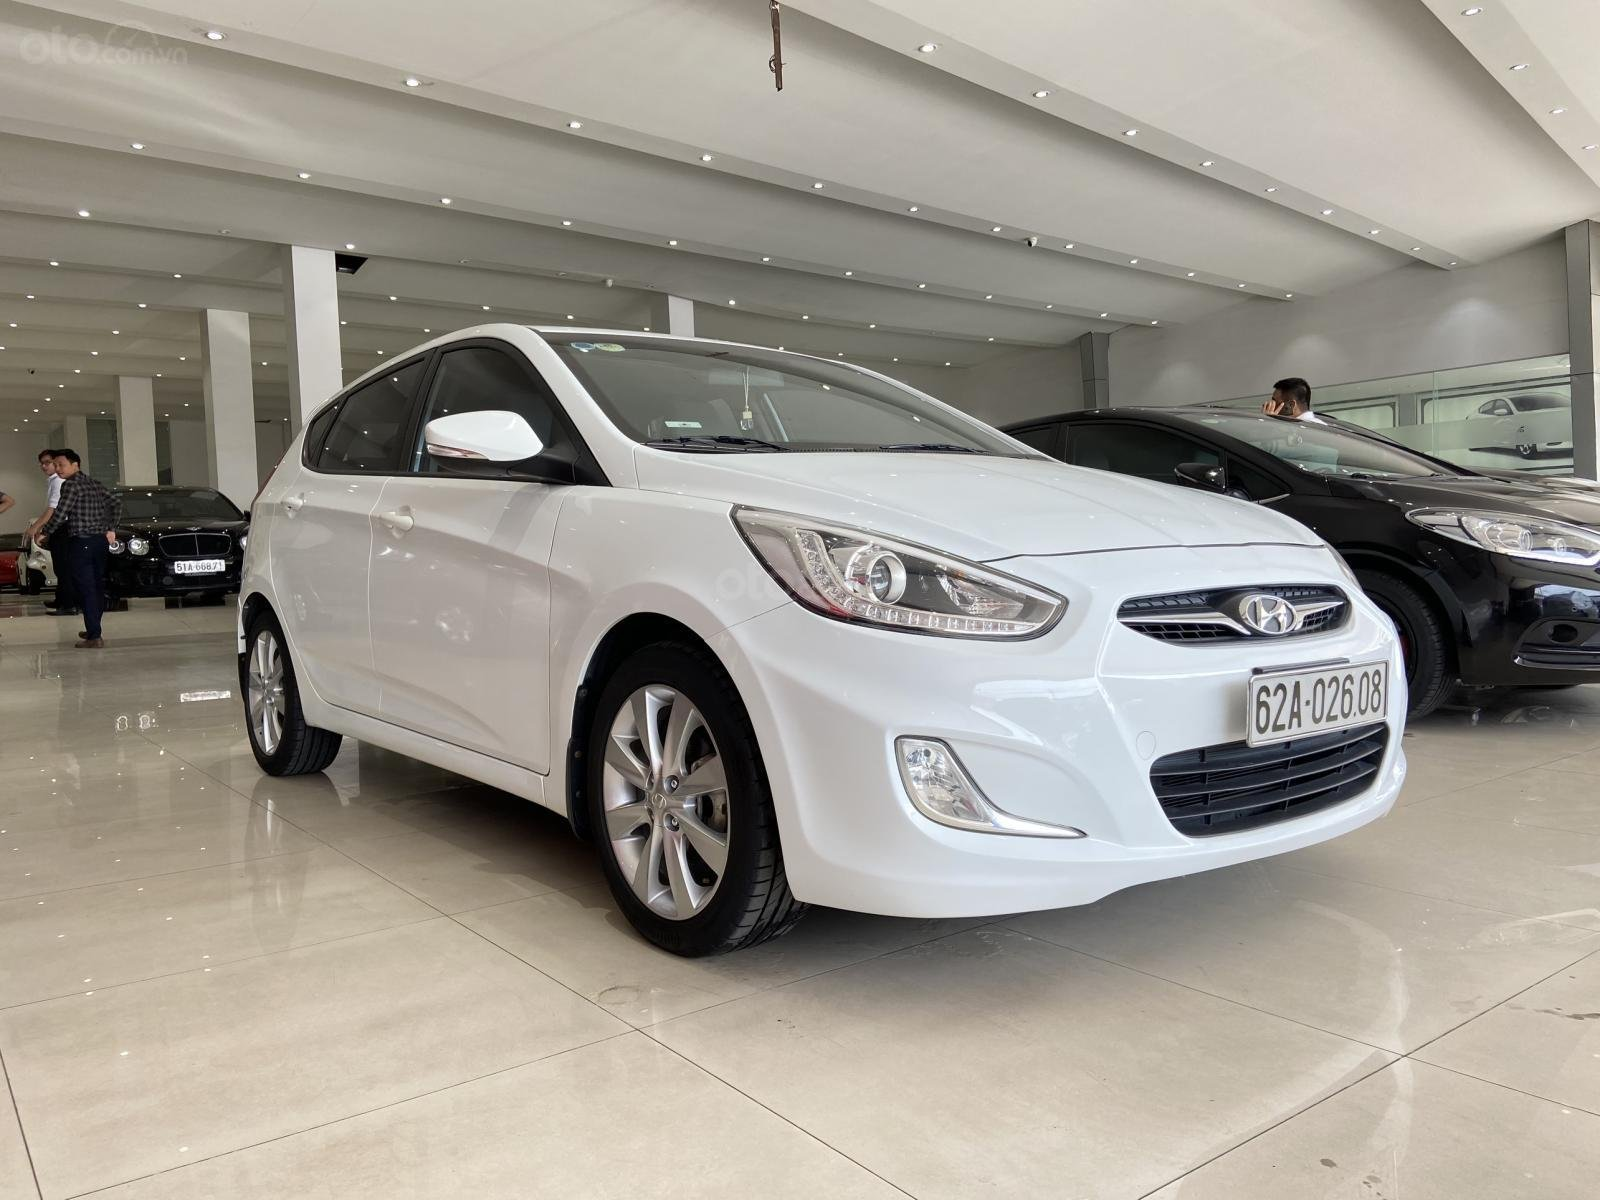 Bán xe Hyundai Accent màu trắng, xe gia đình nên đẹp như mới (2)